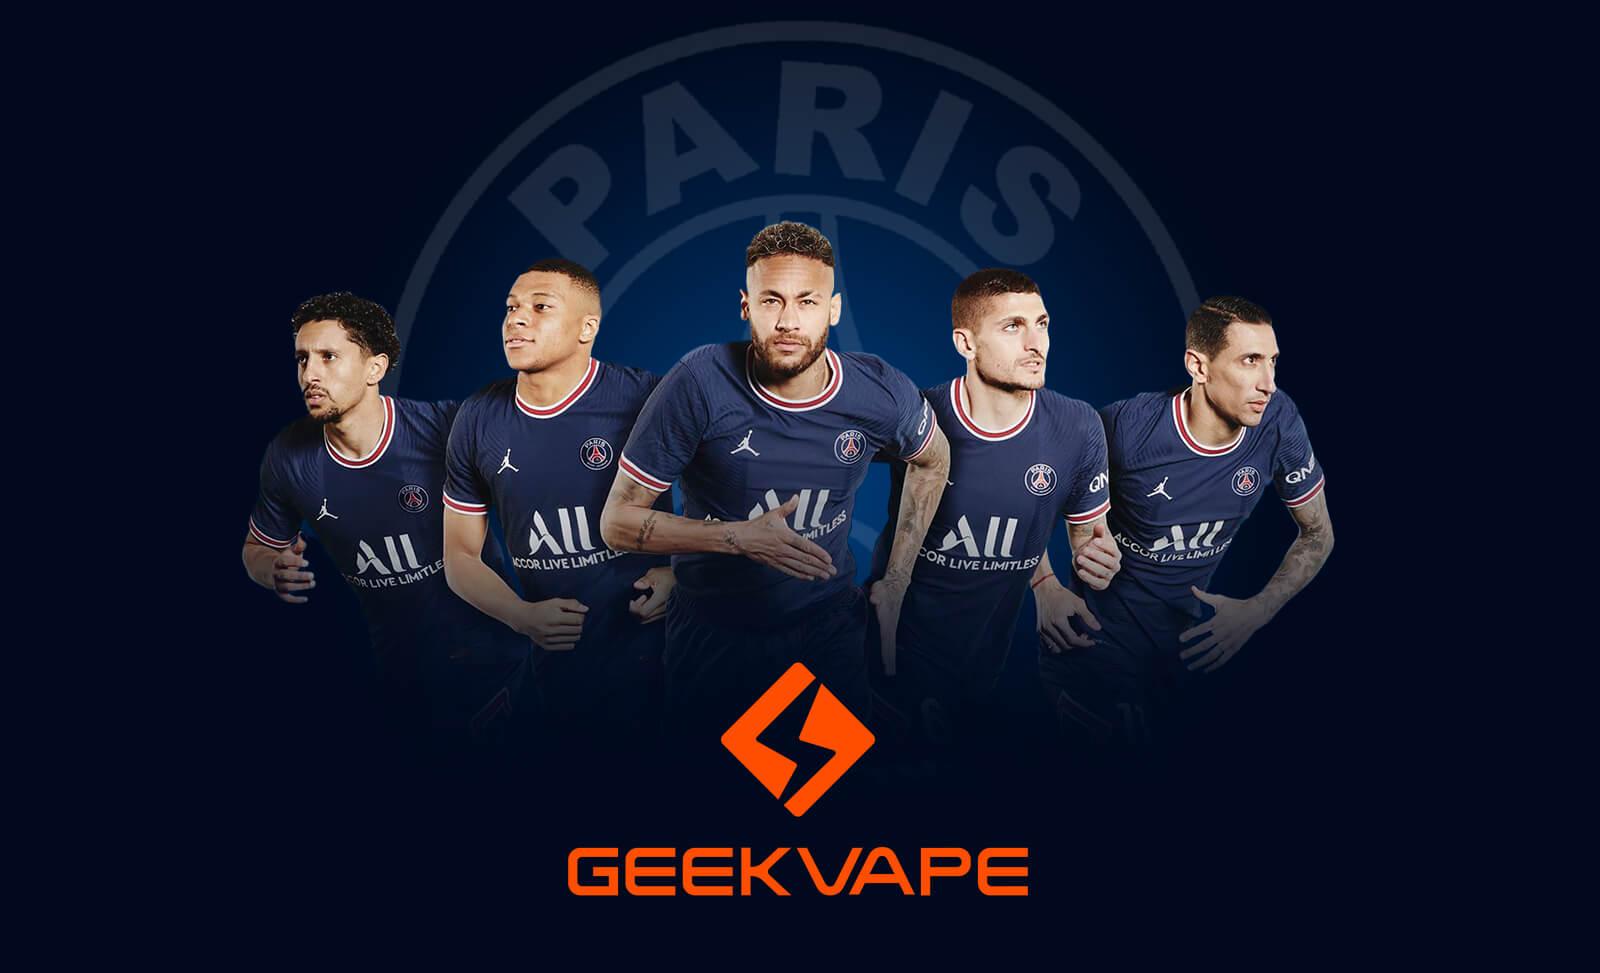 Geekvape anuncia su alianza con Paris Saint-Germain